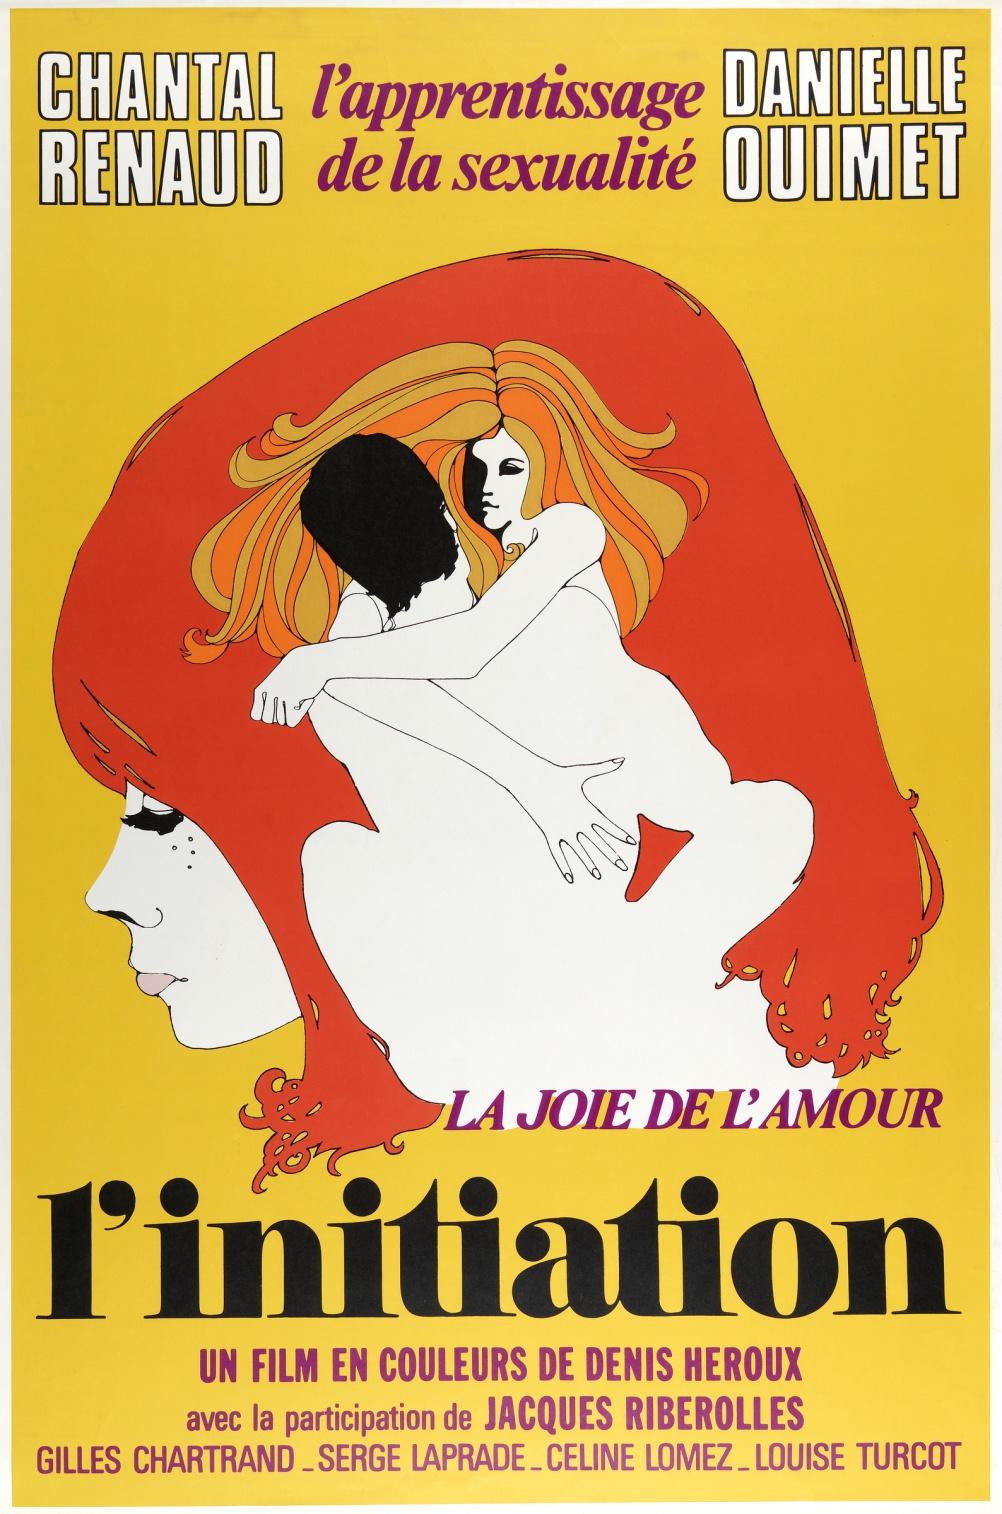 L'initiation by Jacques Delisle, 1970